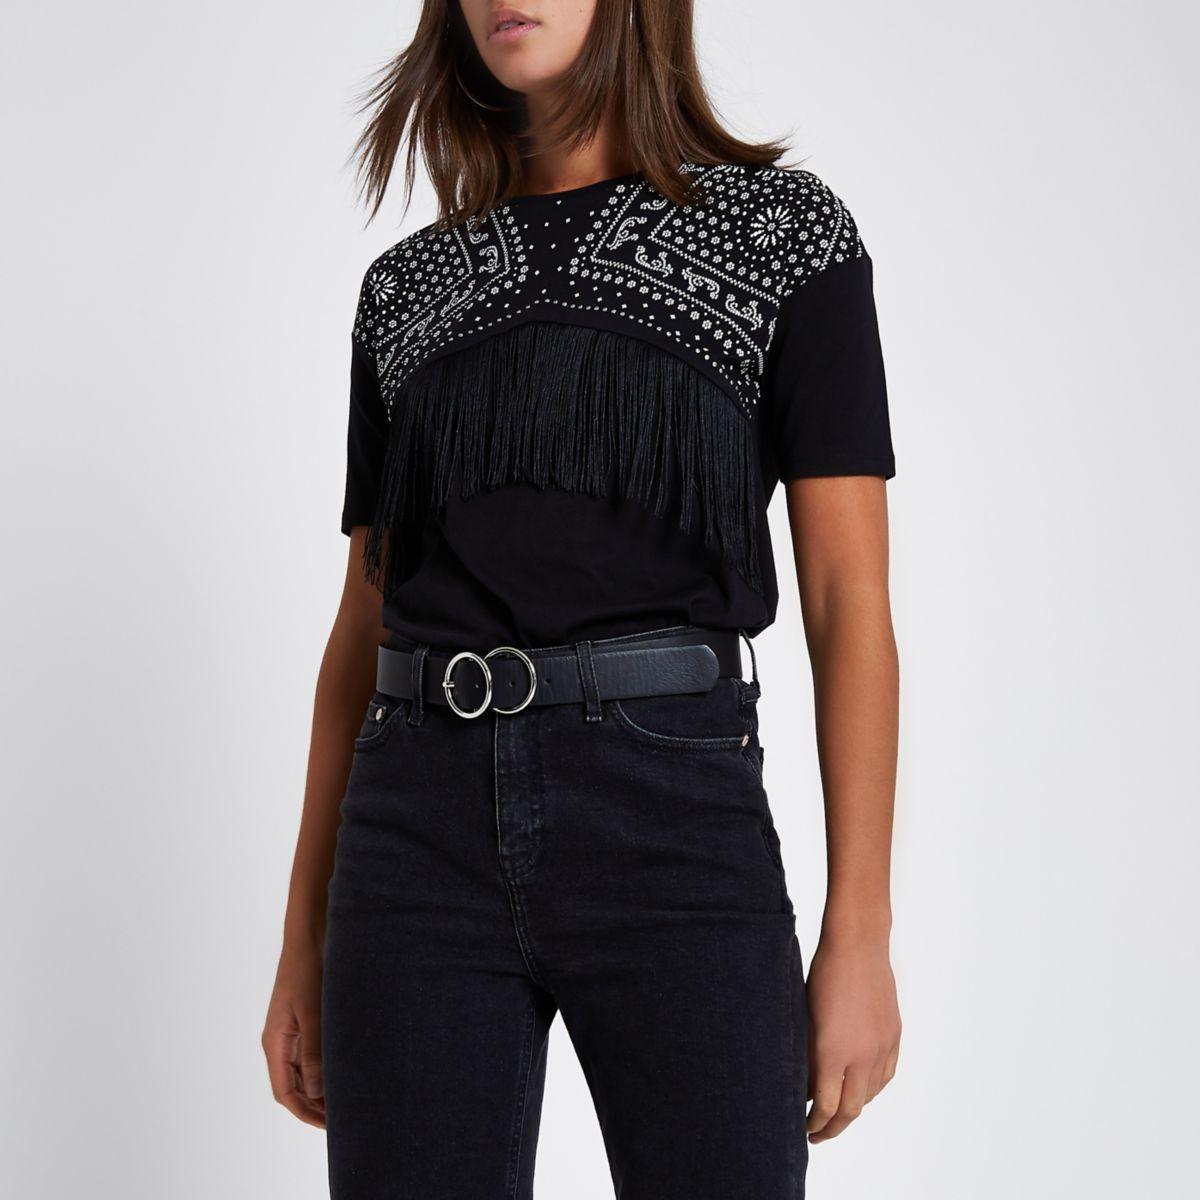 Schwarzes, gepunktetes T-Shirt mit Fransen